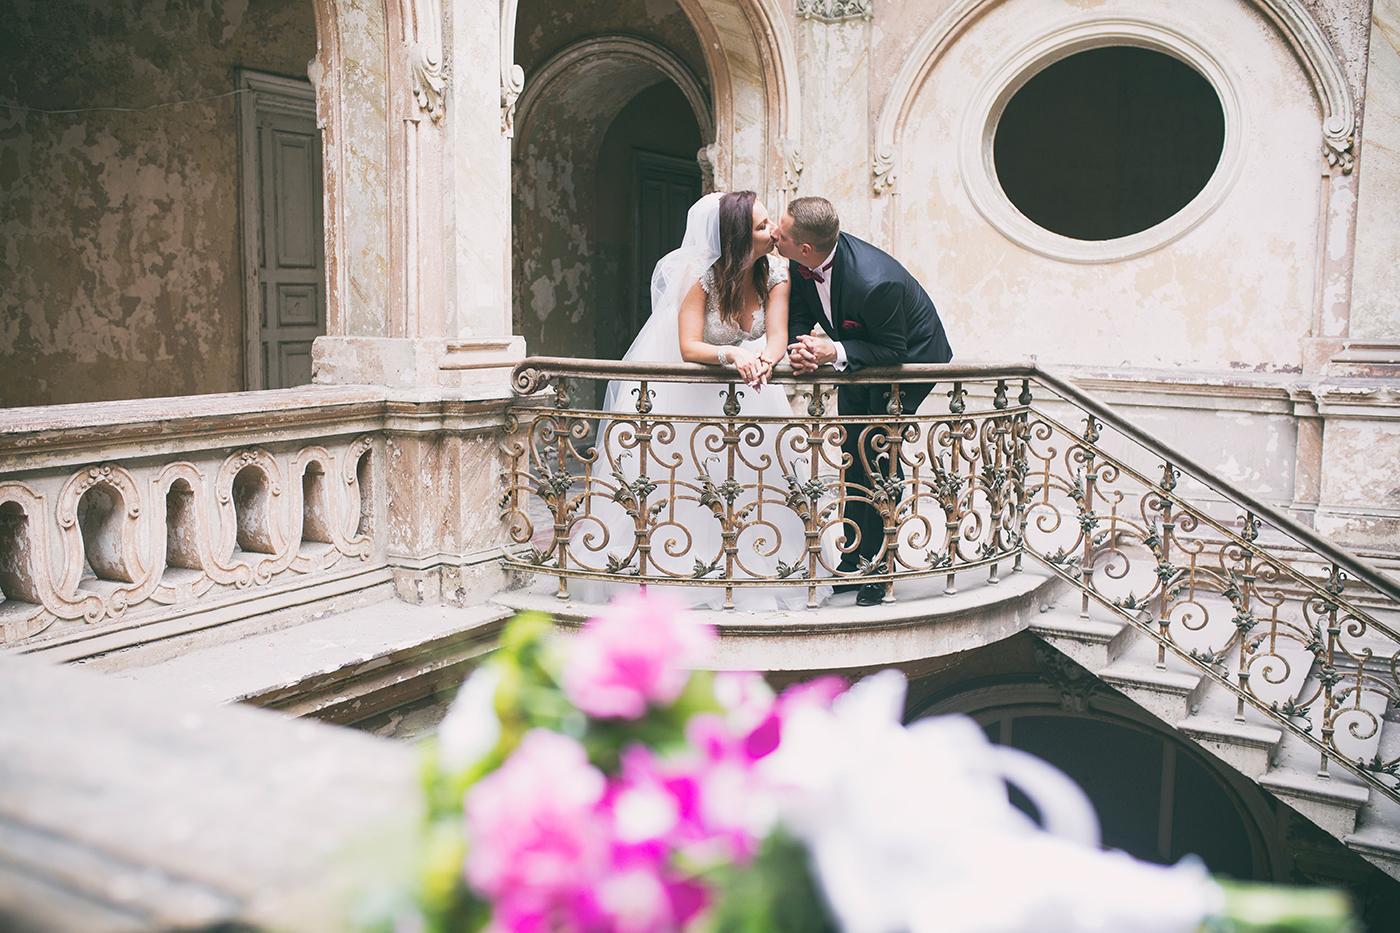 Spontaniczna sesja ślubna w Zespół pałacowo-parkowy w Krowiarkach. Bardzo ciekawy plener na sesje, gdy pogoda nie dopisuje.